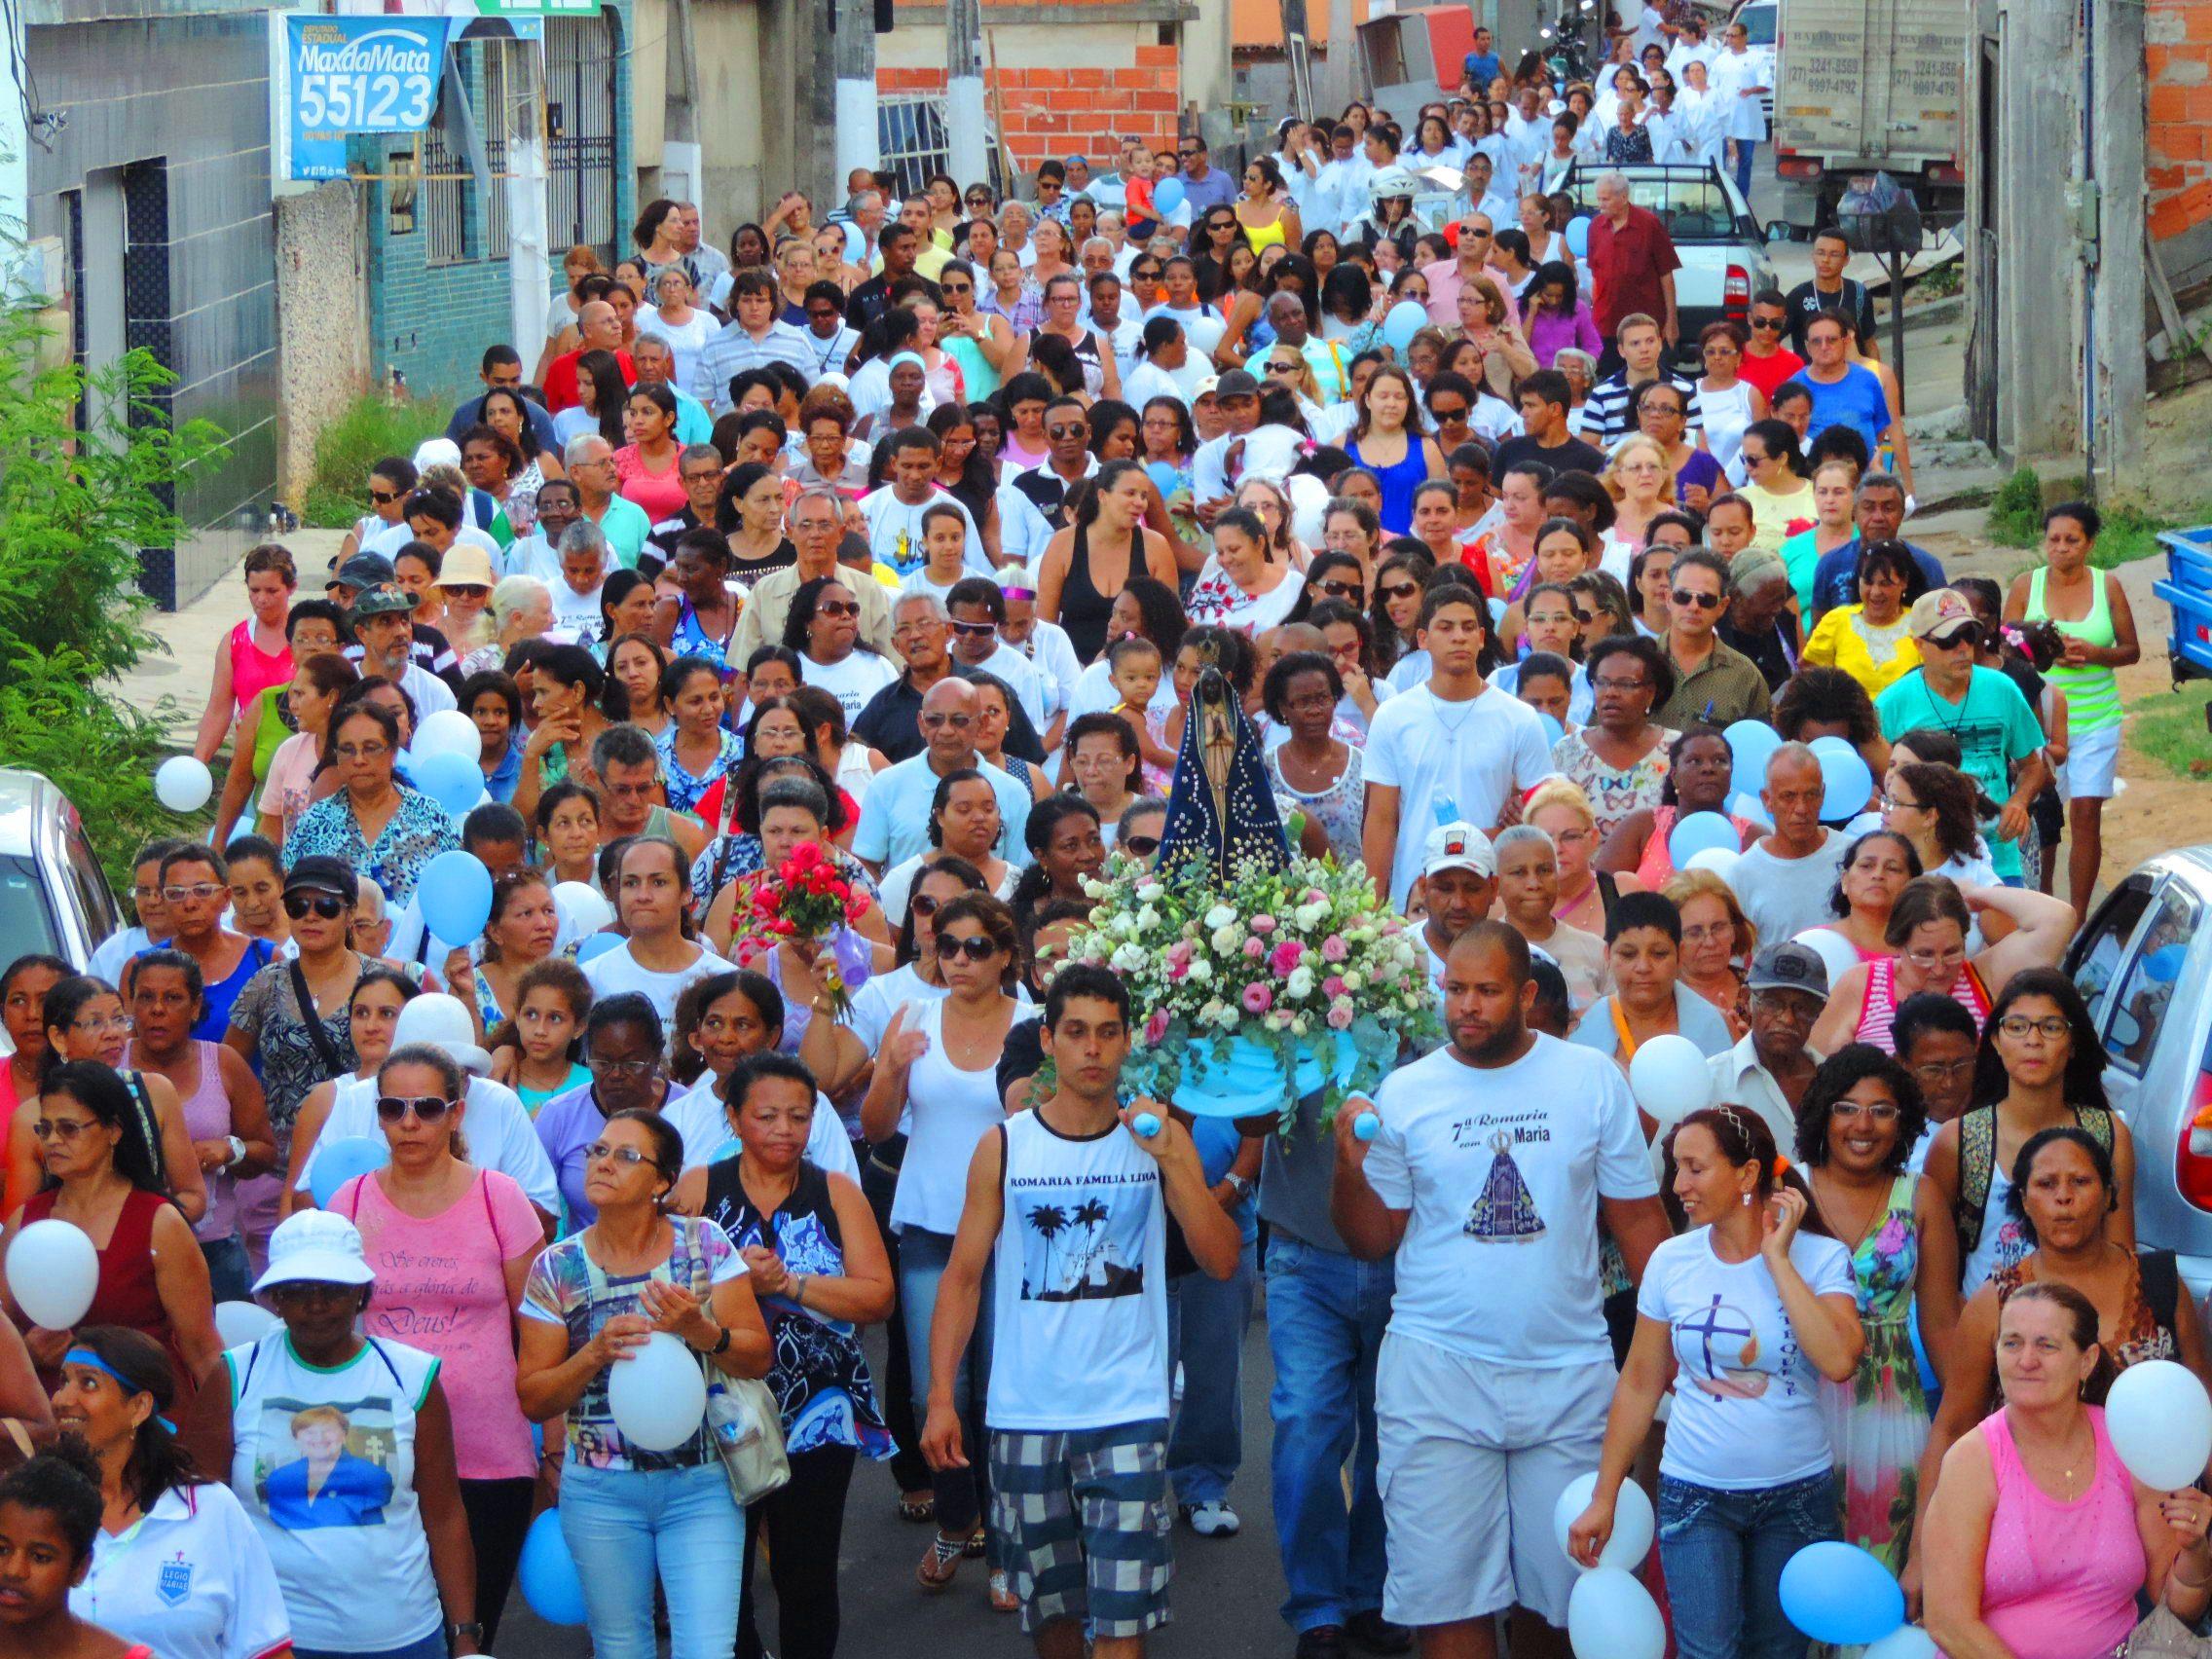 Festa De Nossa Senhora Aparecida: Festa Da Padroeira Da Comunidade Nossa Senhora Aparecida